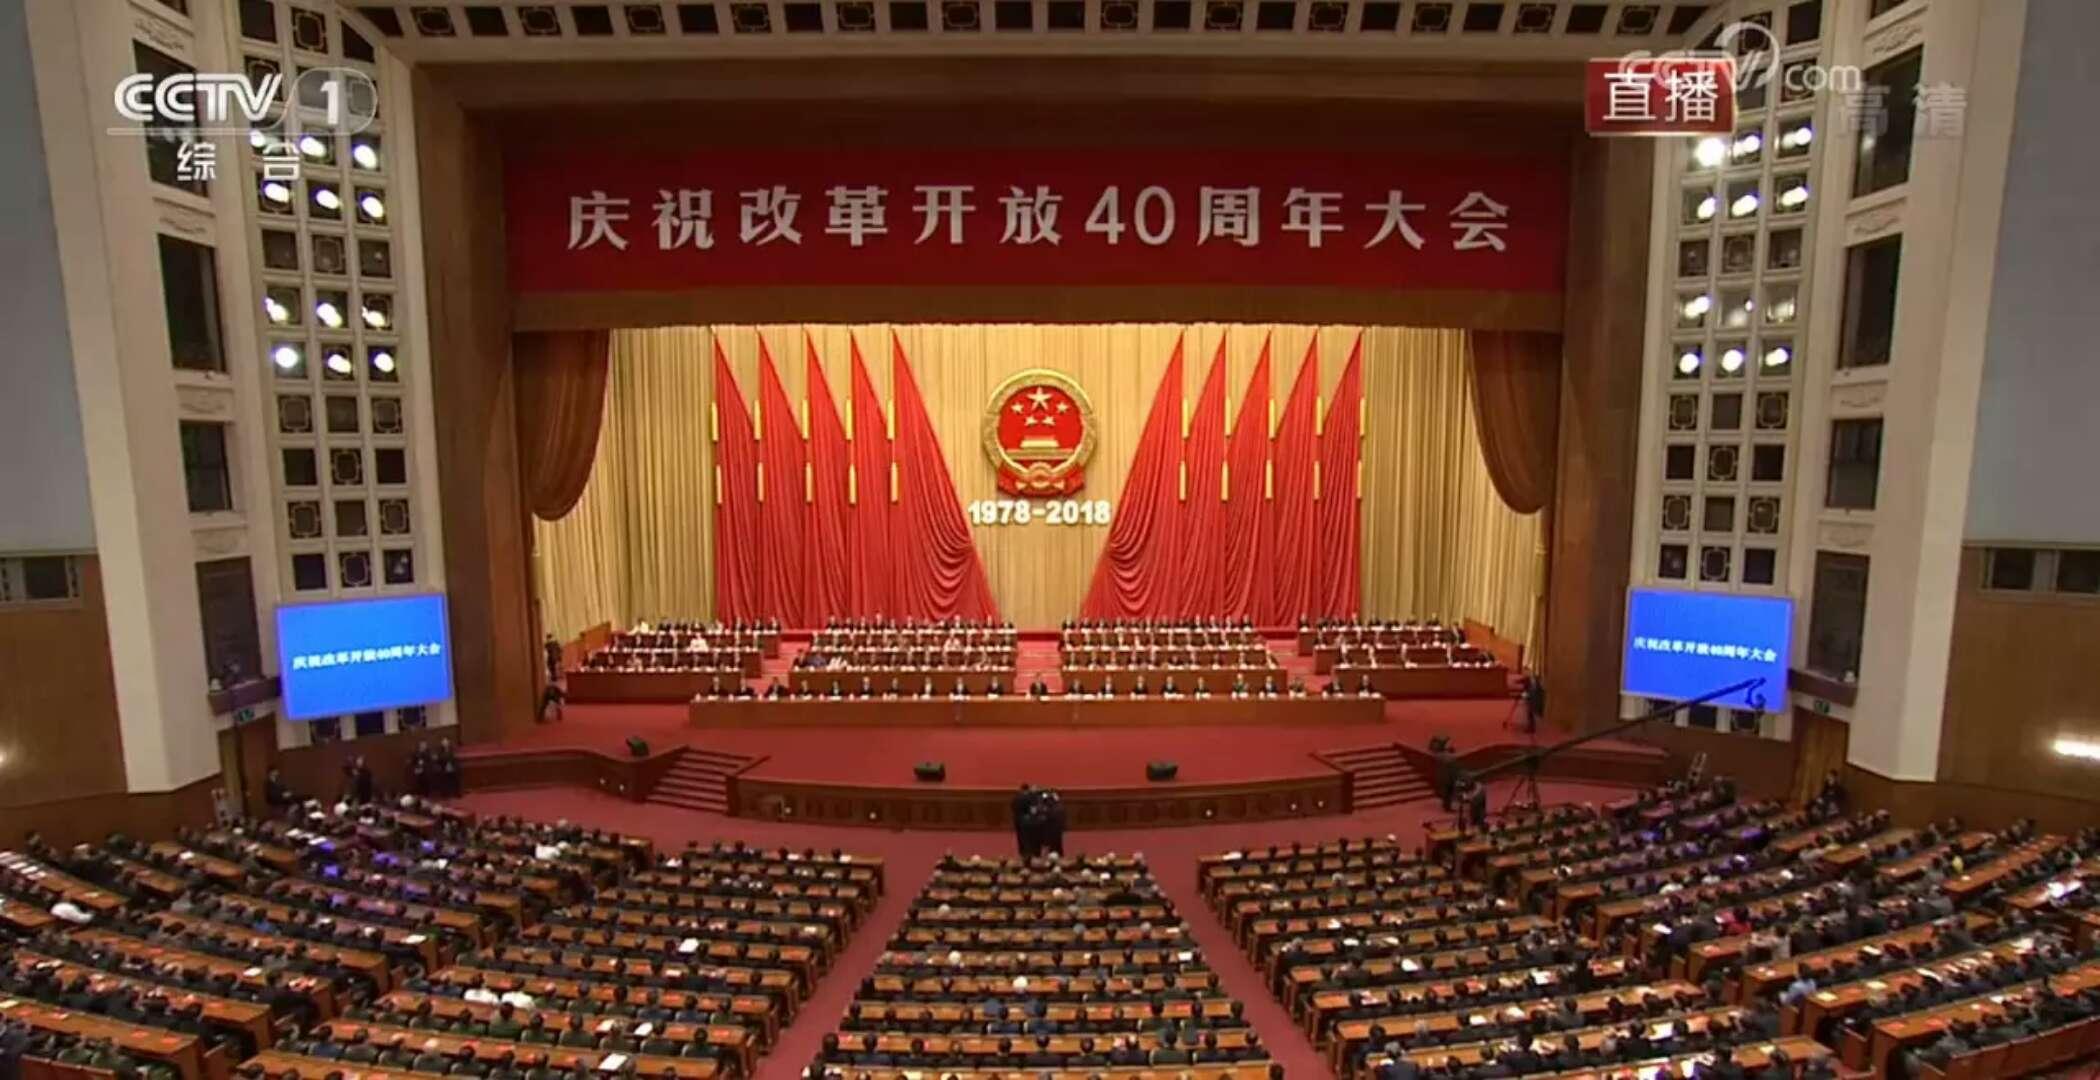 西吉县干部群众收听收看庆祝改革开放四十周年大会